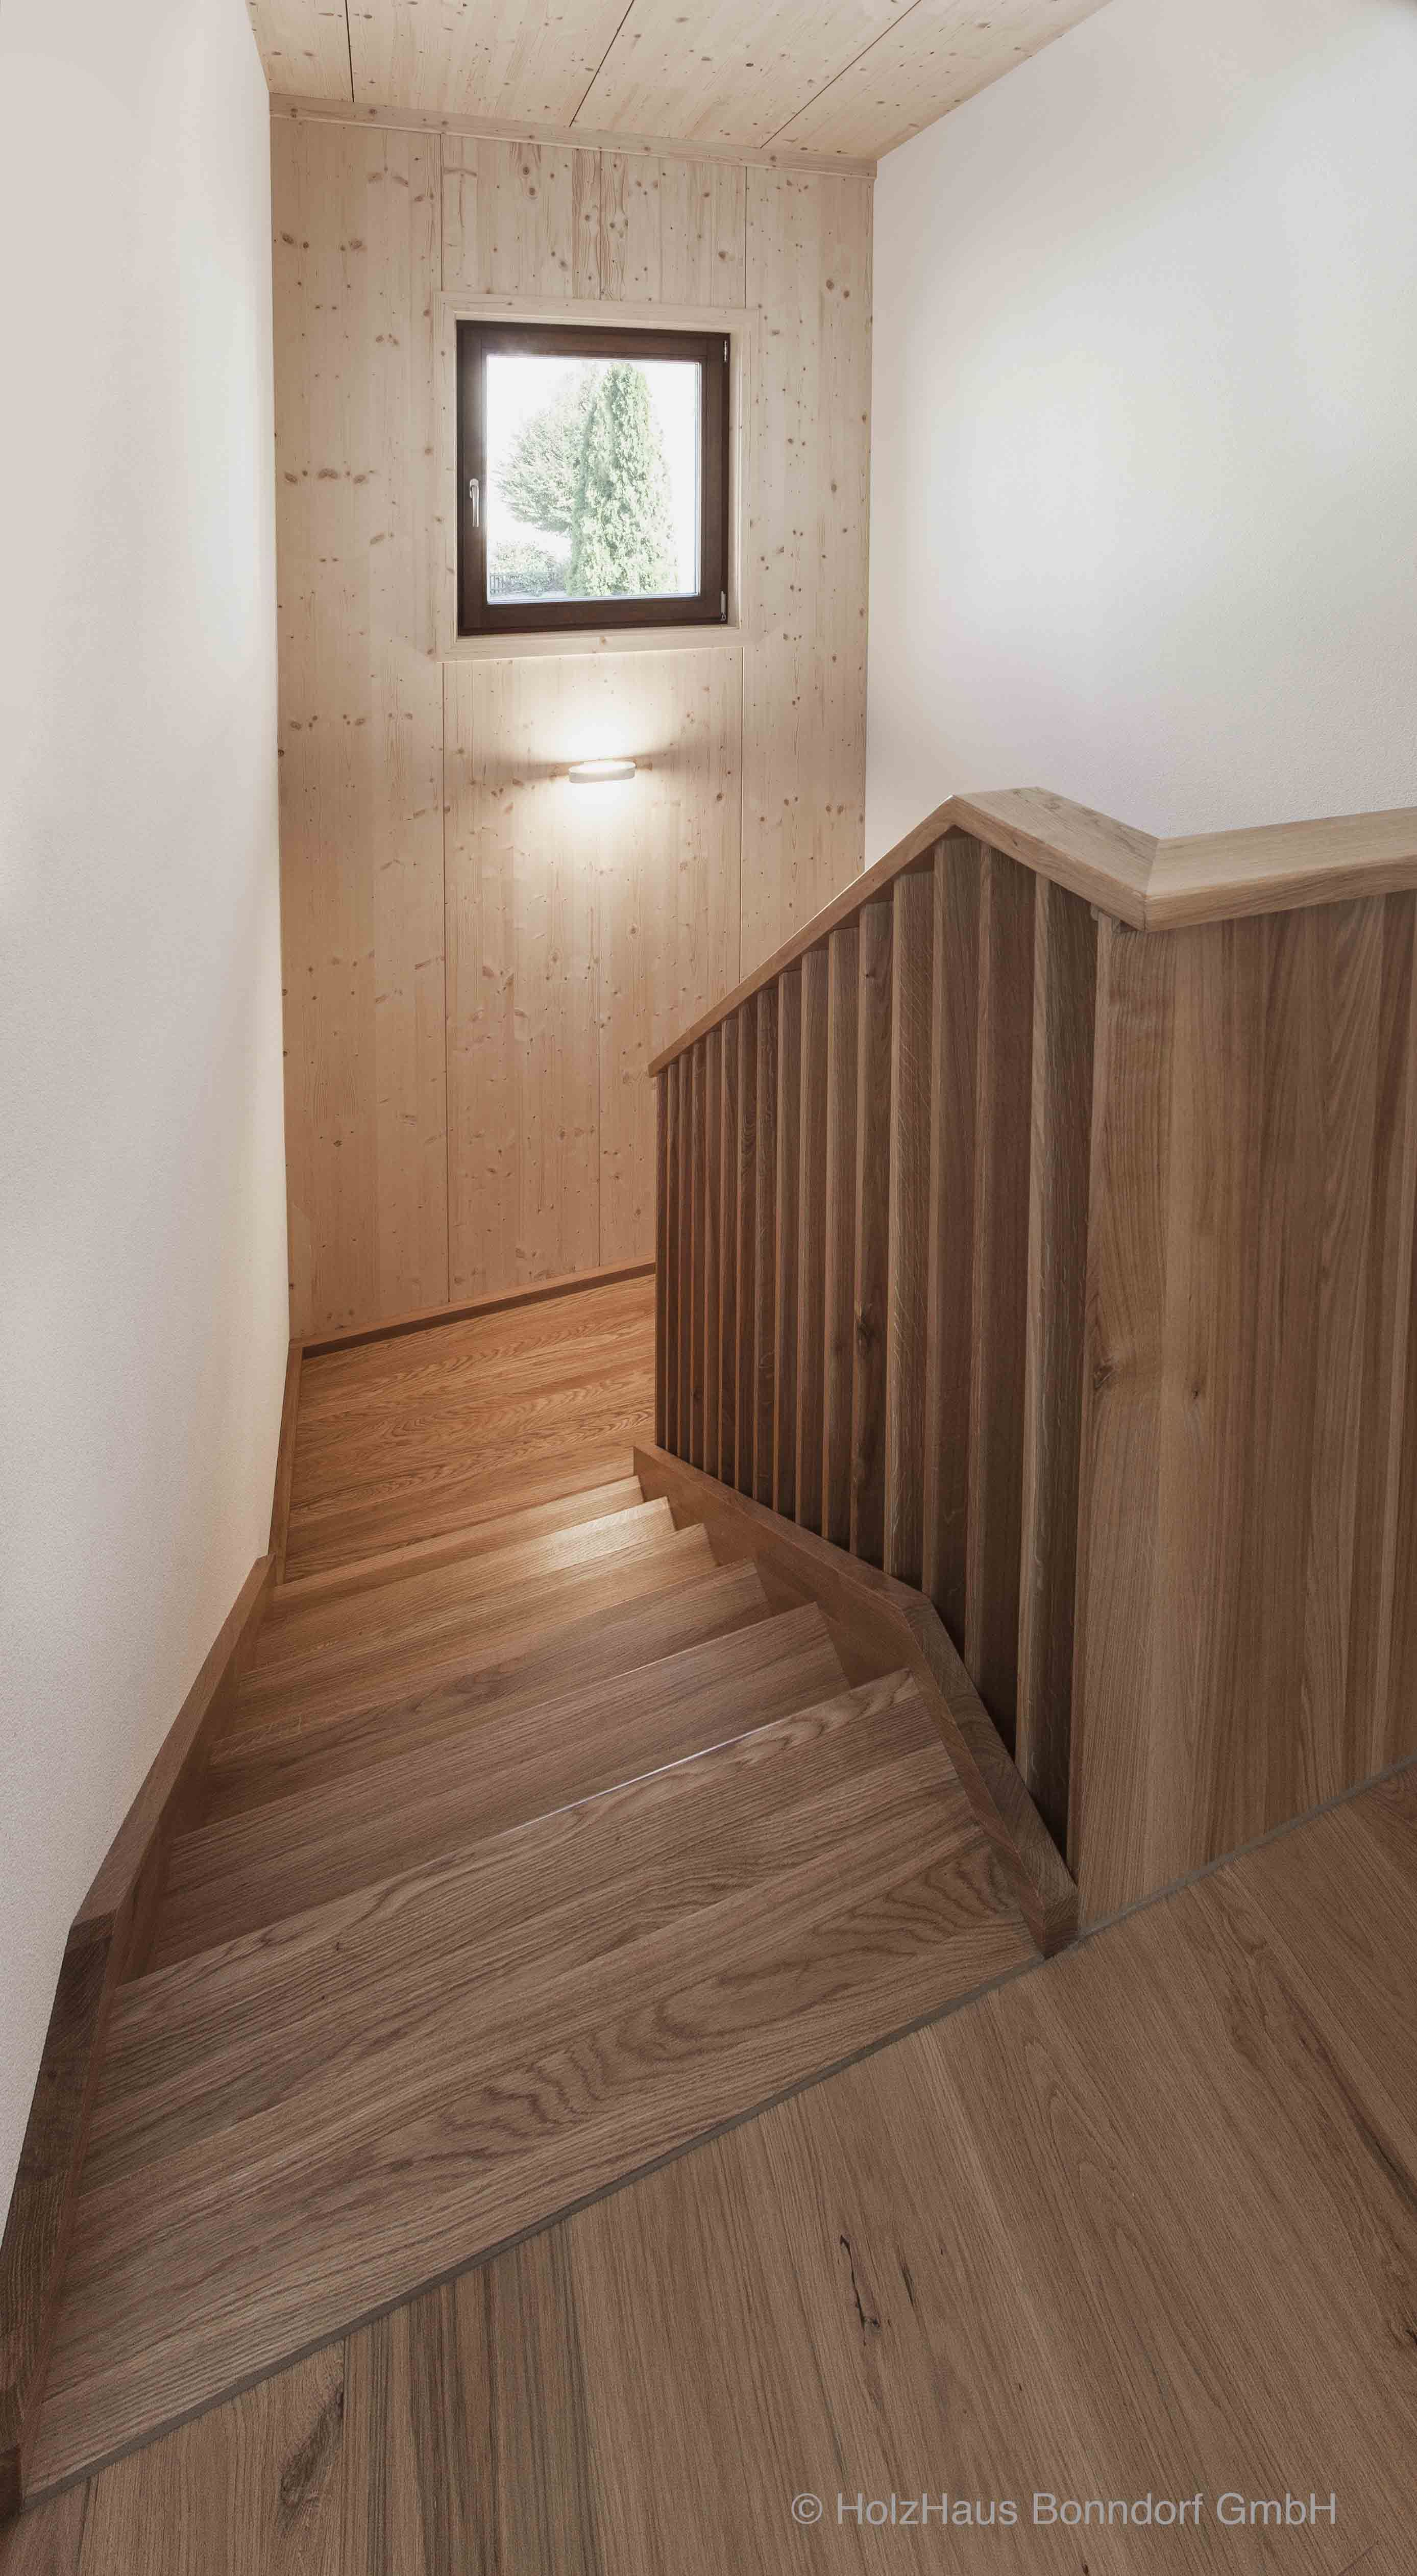 Holzhaus Bonndorf house in switzerland verschieden holzarten kombinieren hier ist